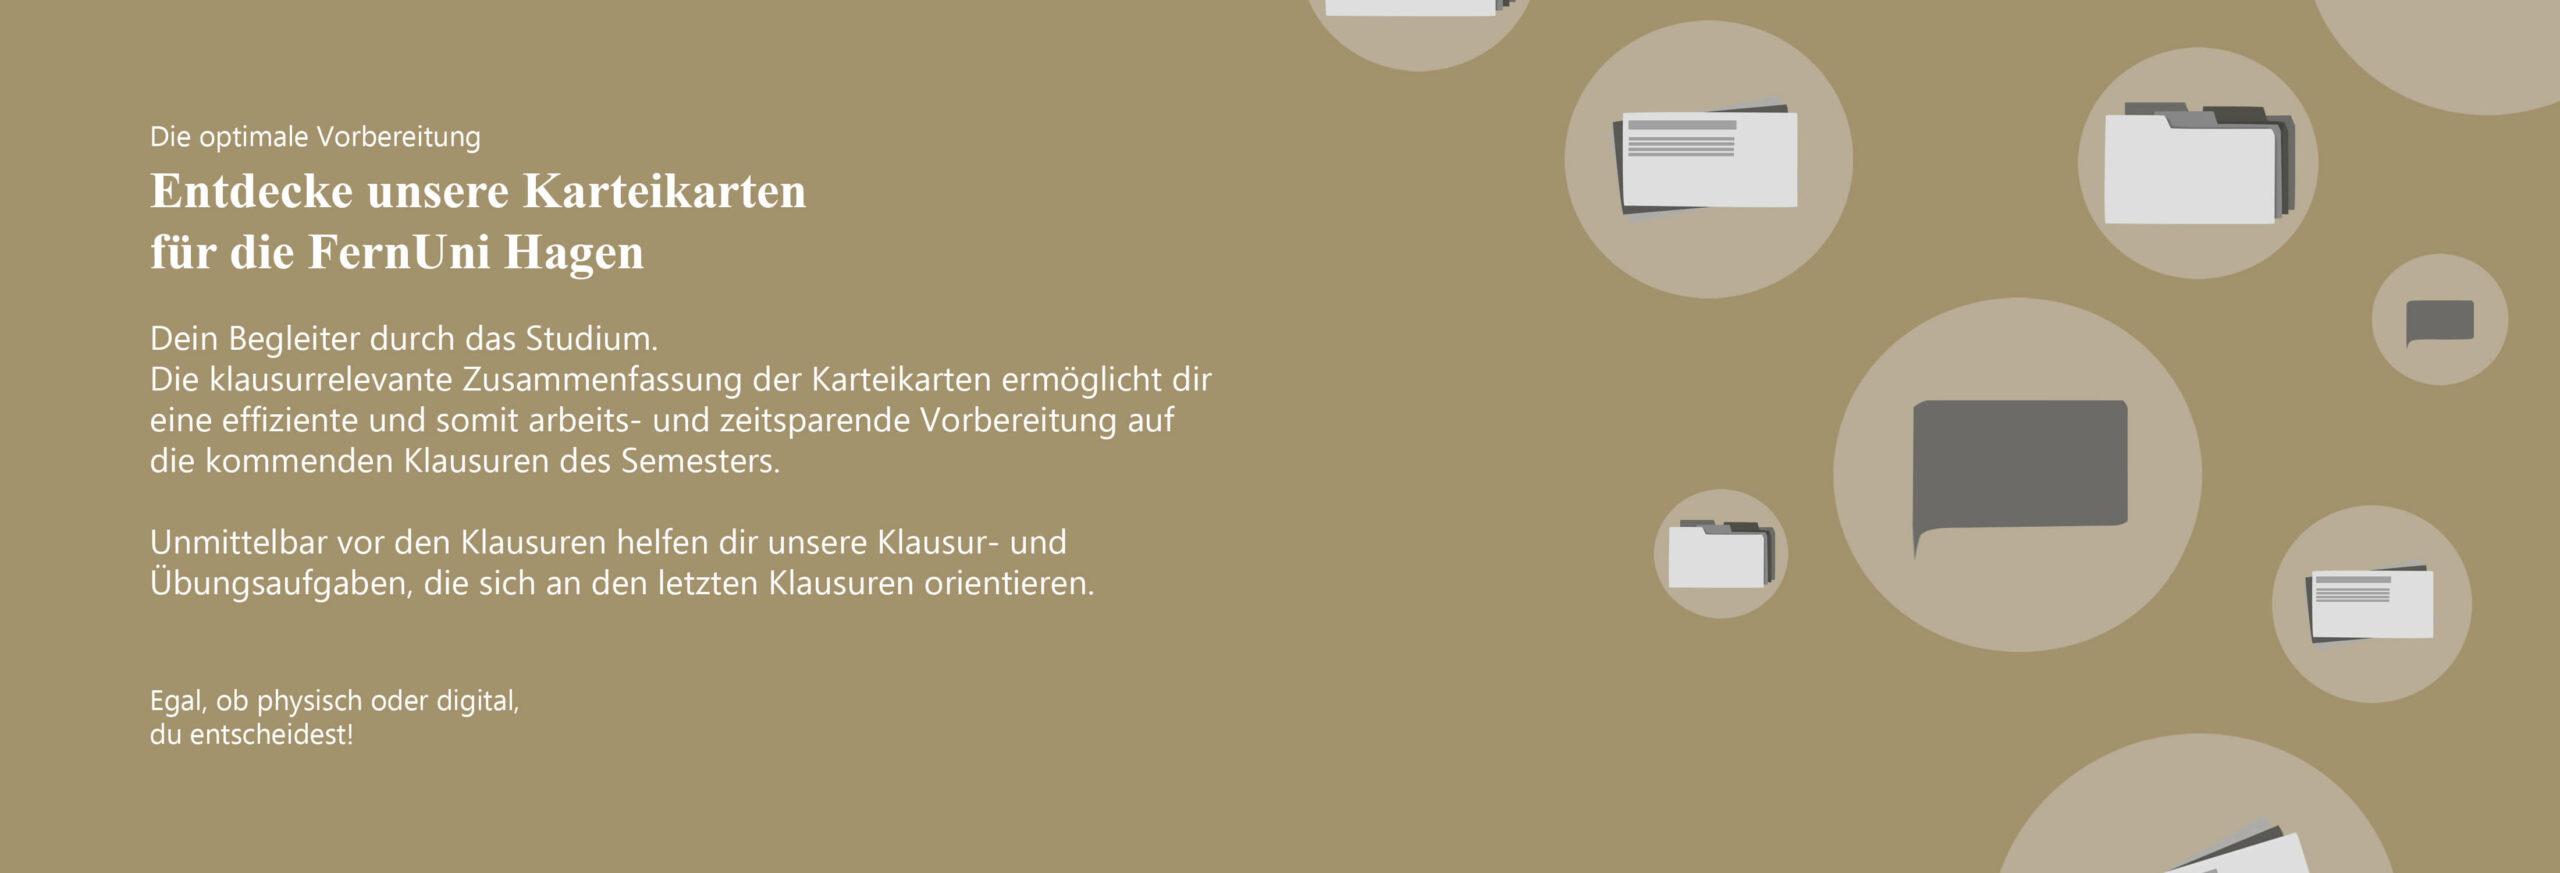 Slider Uni-Karteikarten.de FernUni Hagen